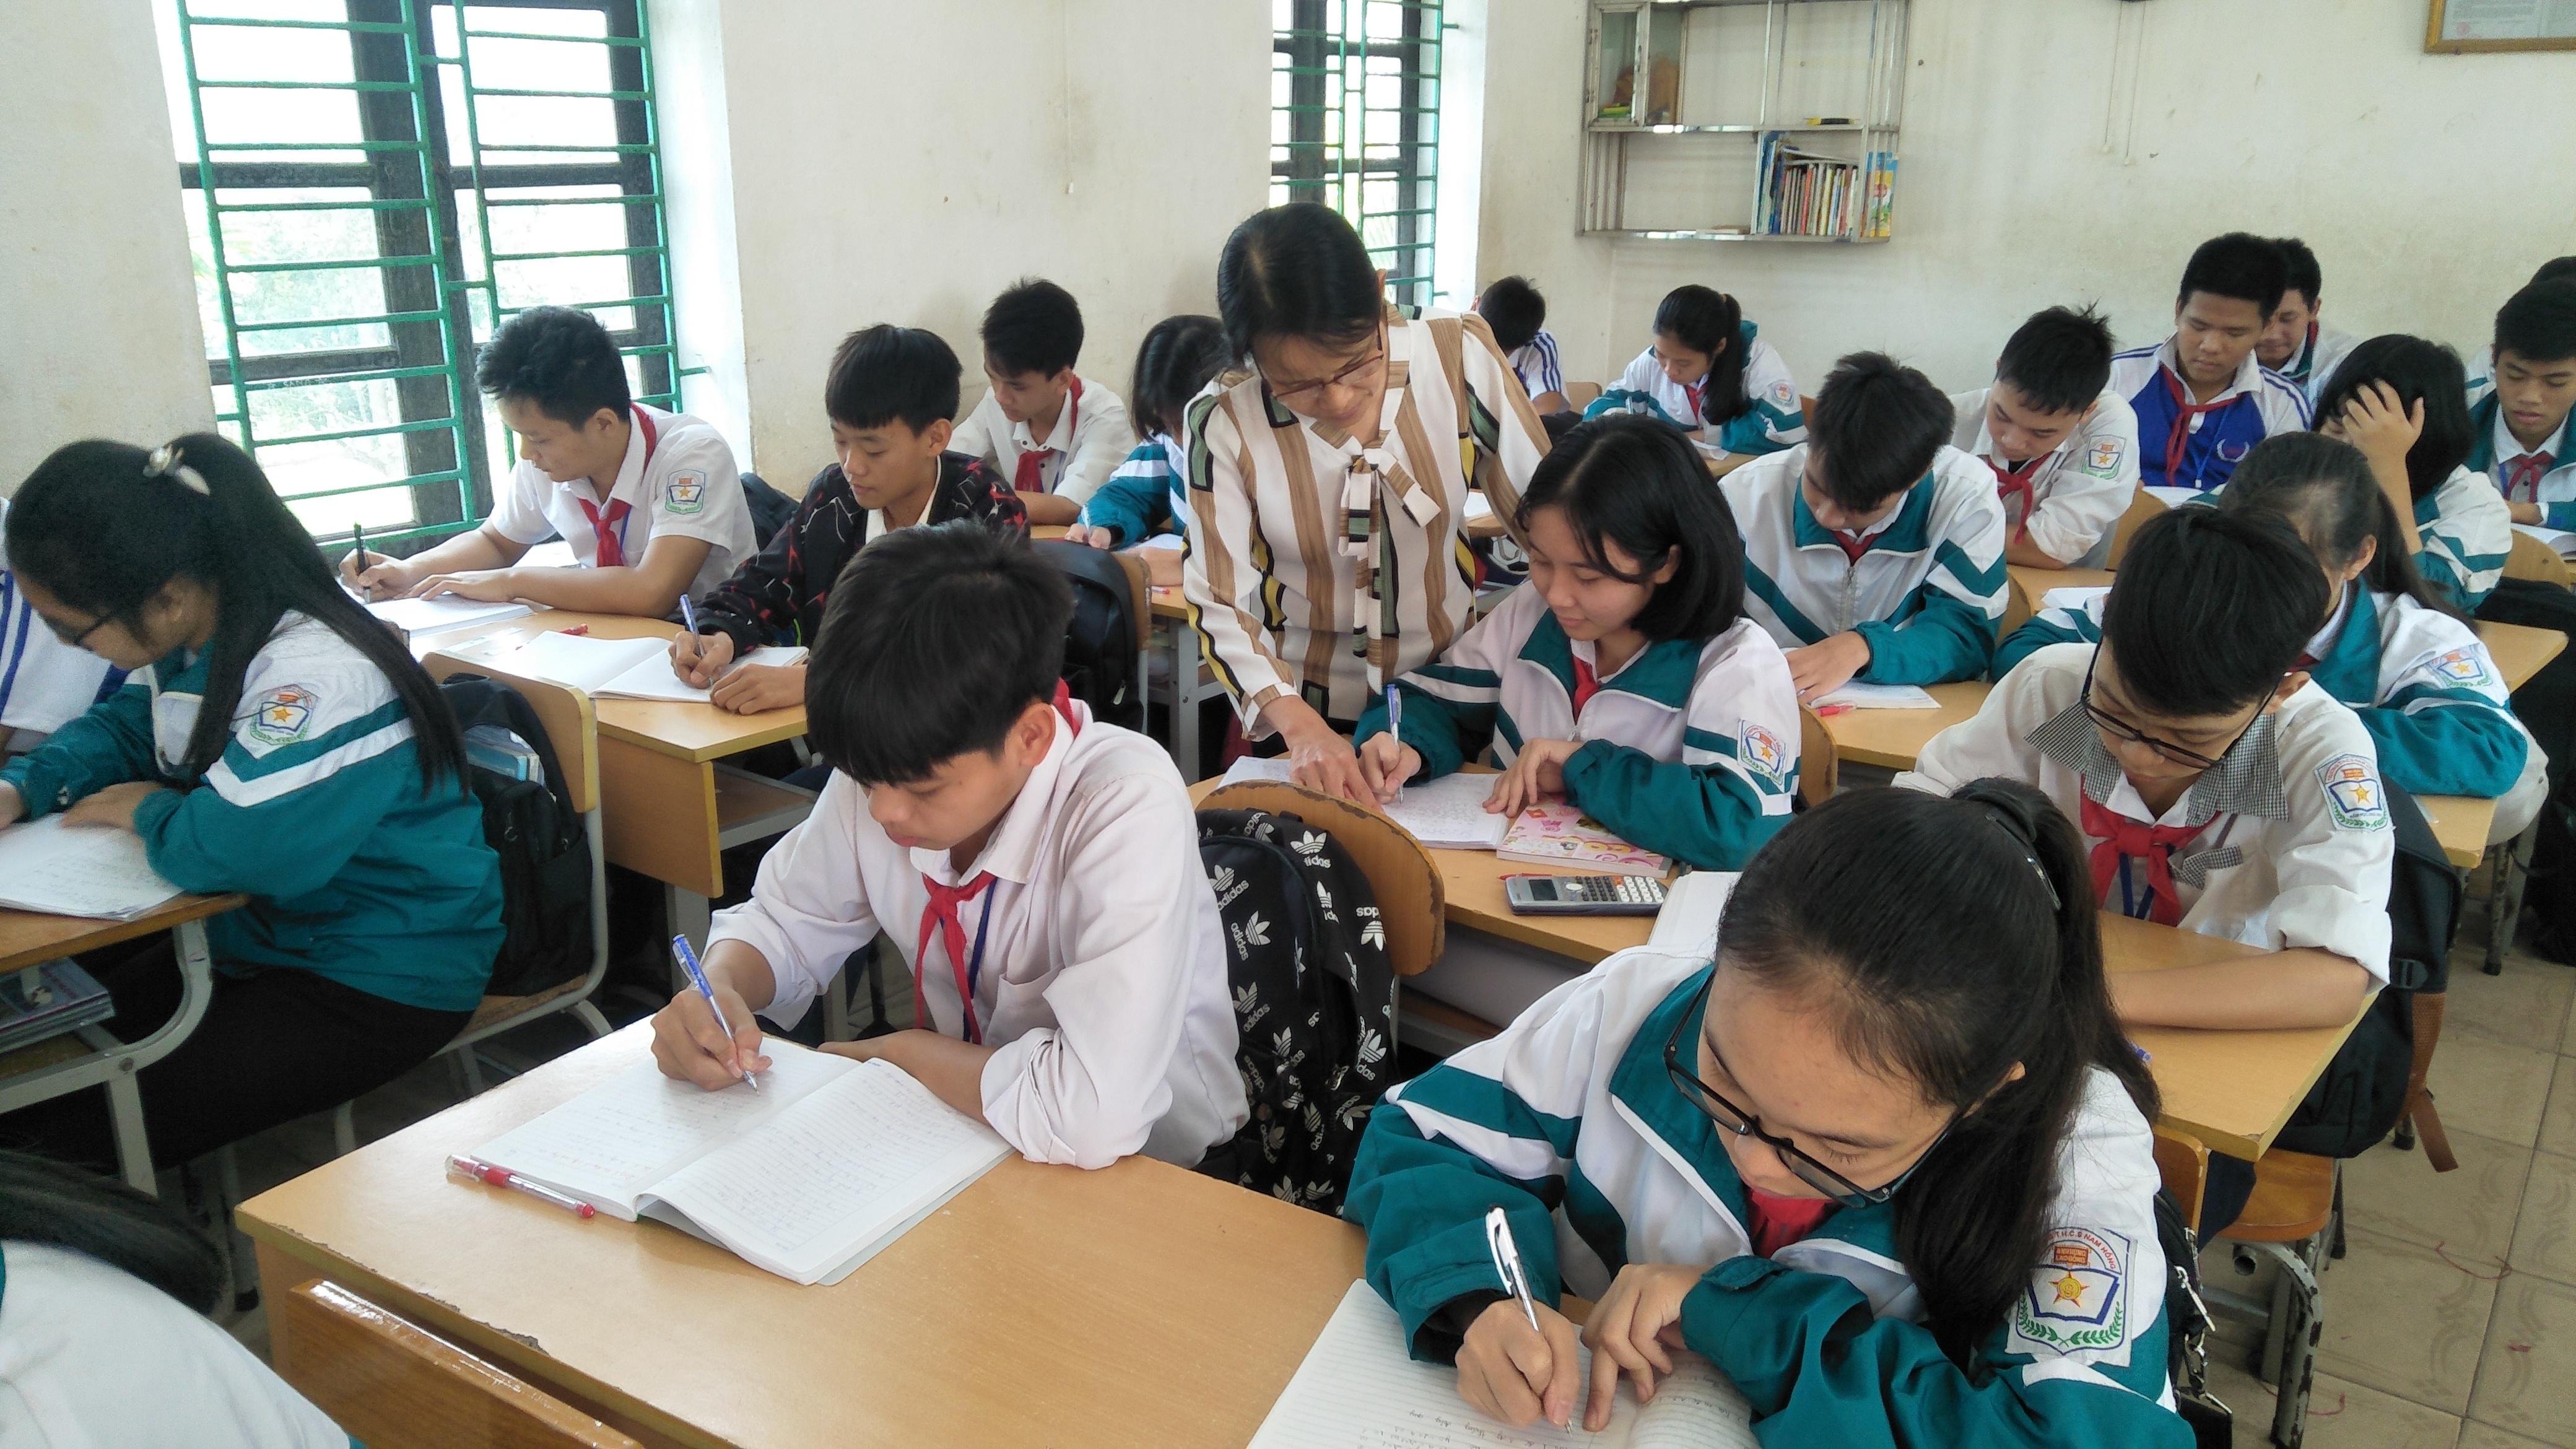 Cô giáo Đặng Quỳnh Nam trường THCS Nam Hồng Nam Trực - một tấm gương mẫu mực